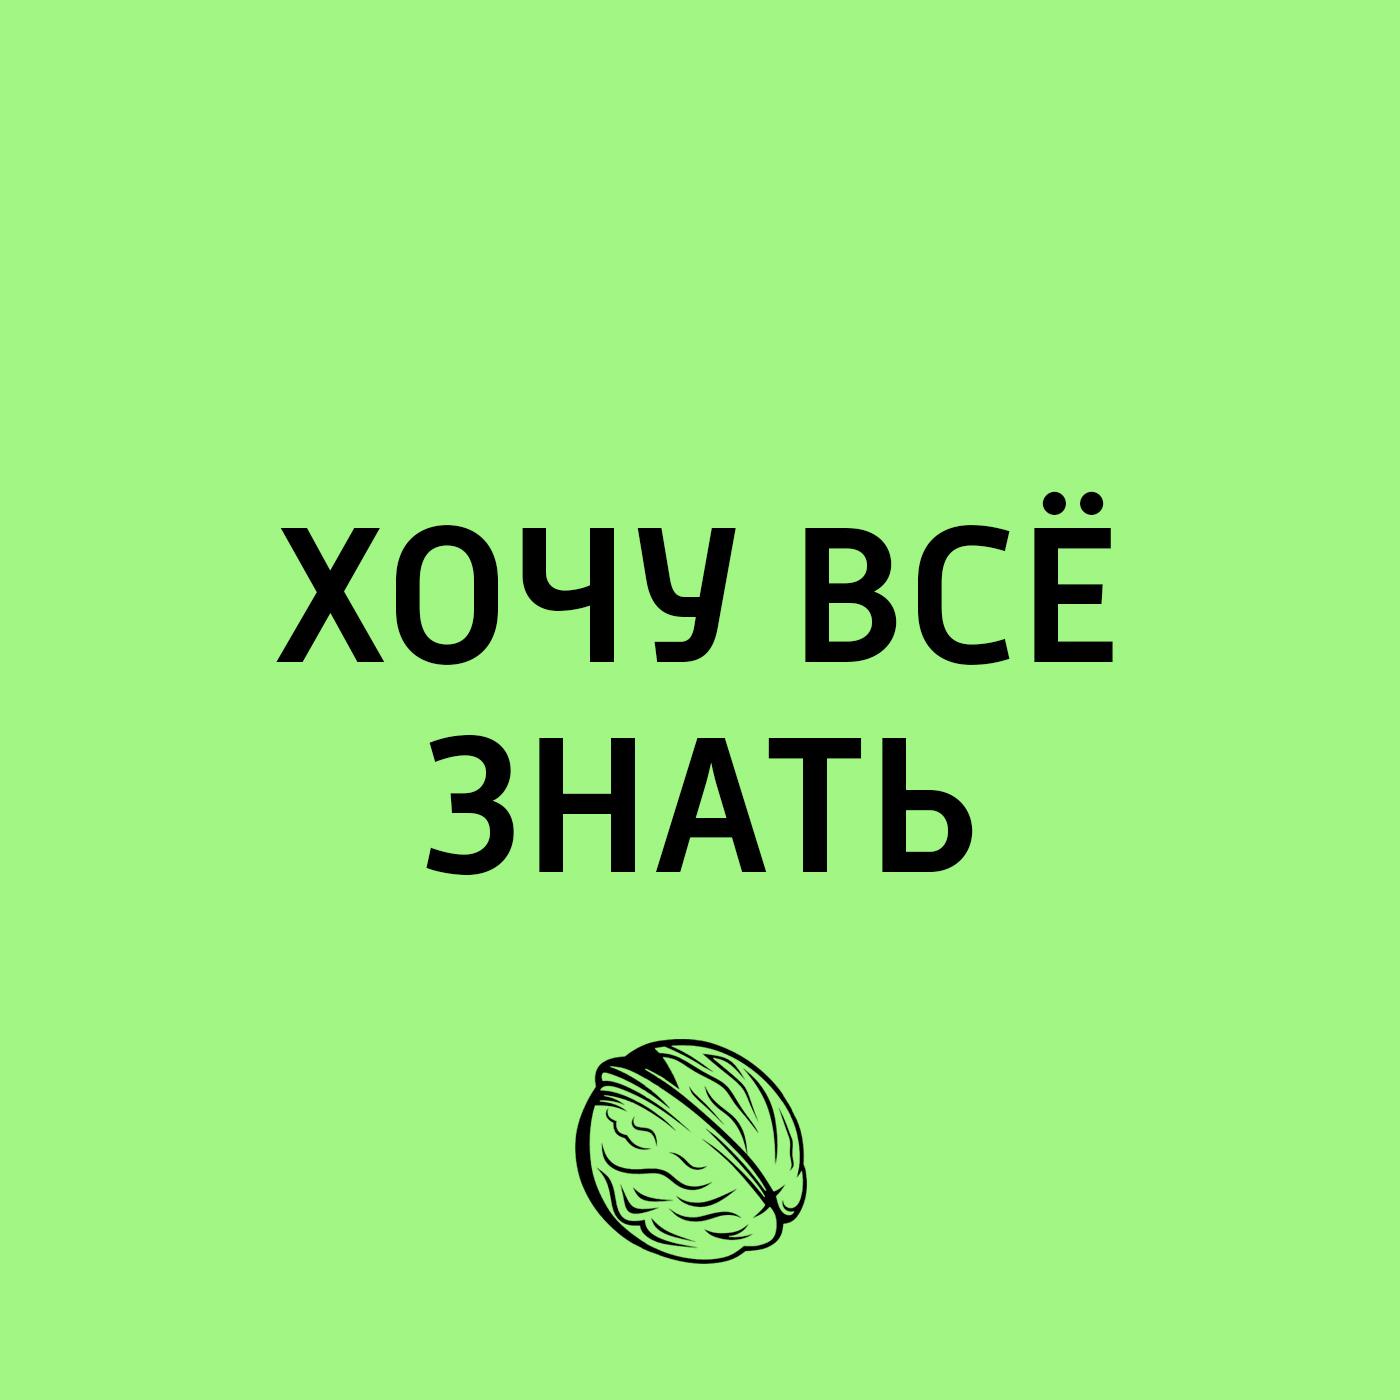 цена на Творческий коллектив программы «Хочу всё знать» 8 июля отмечается Всероссийский день семьи, любви и верности!